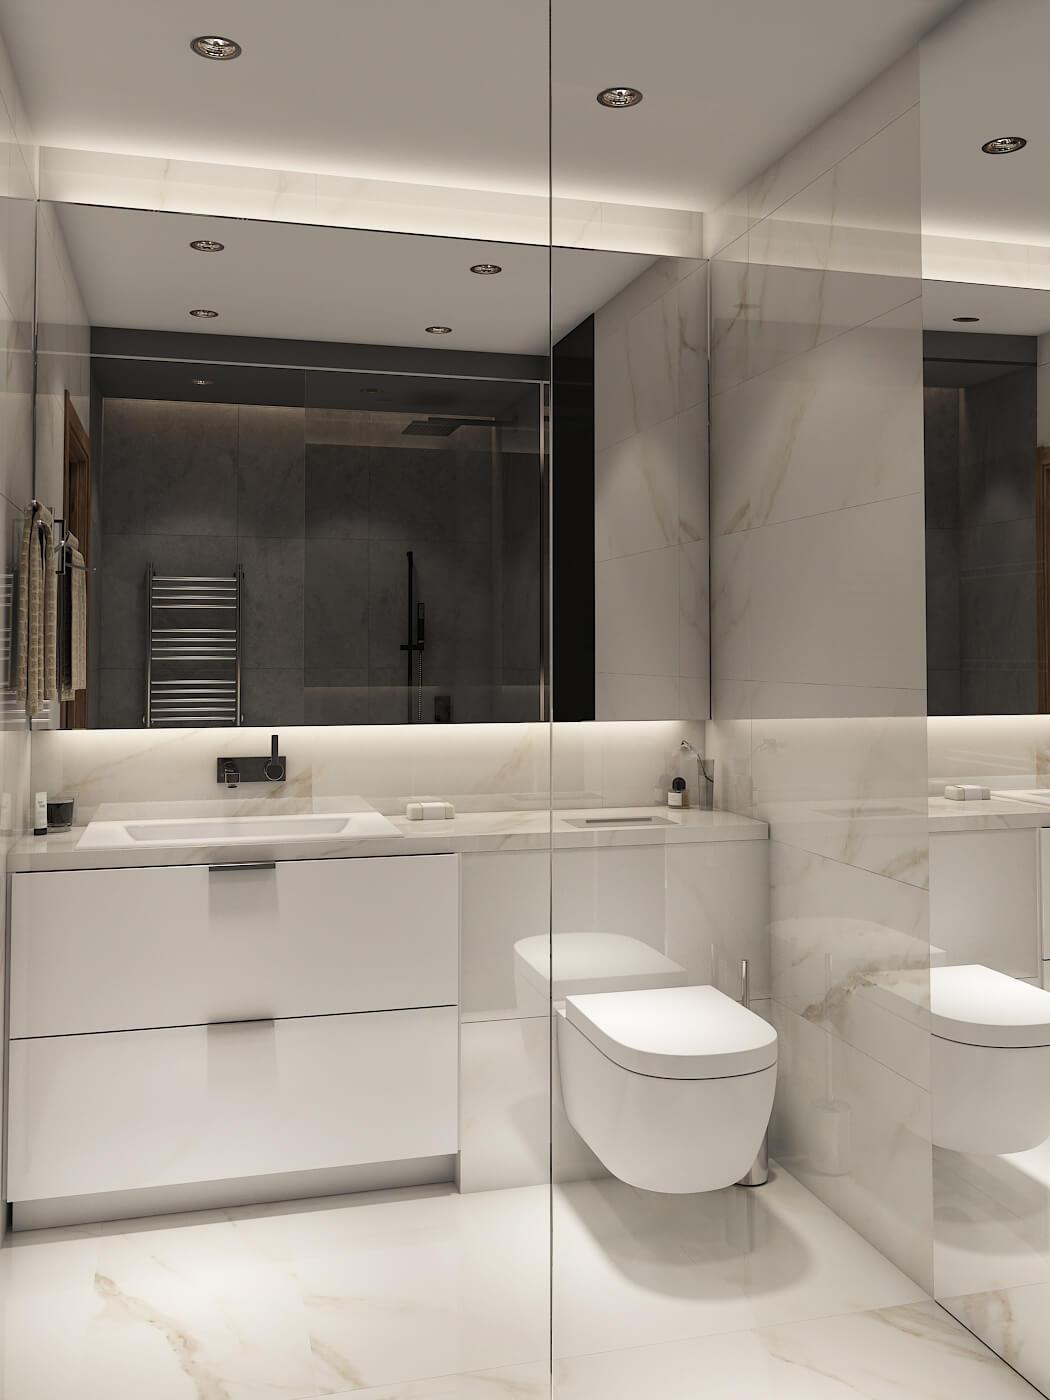 Дизайн проект квартира студия, спаьня со стеклянной перегородкой, Киев | фото 7